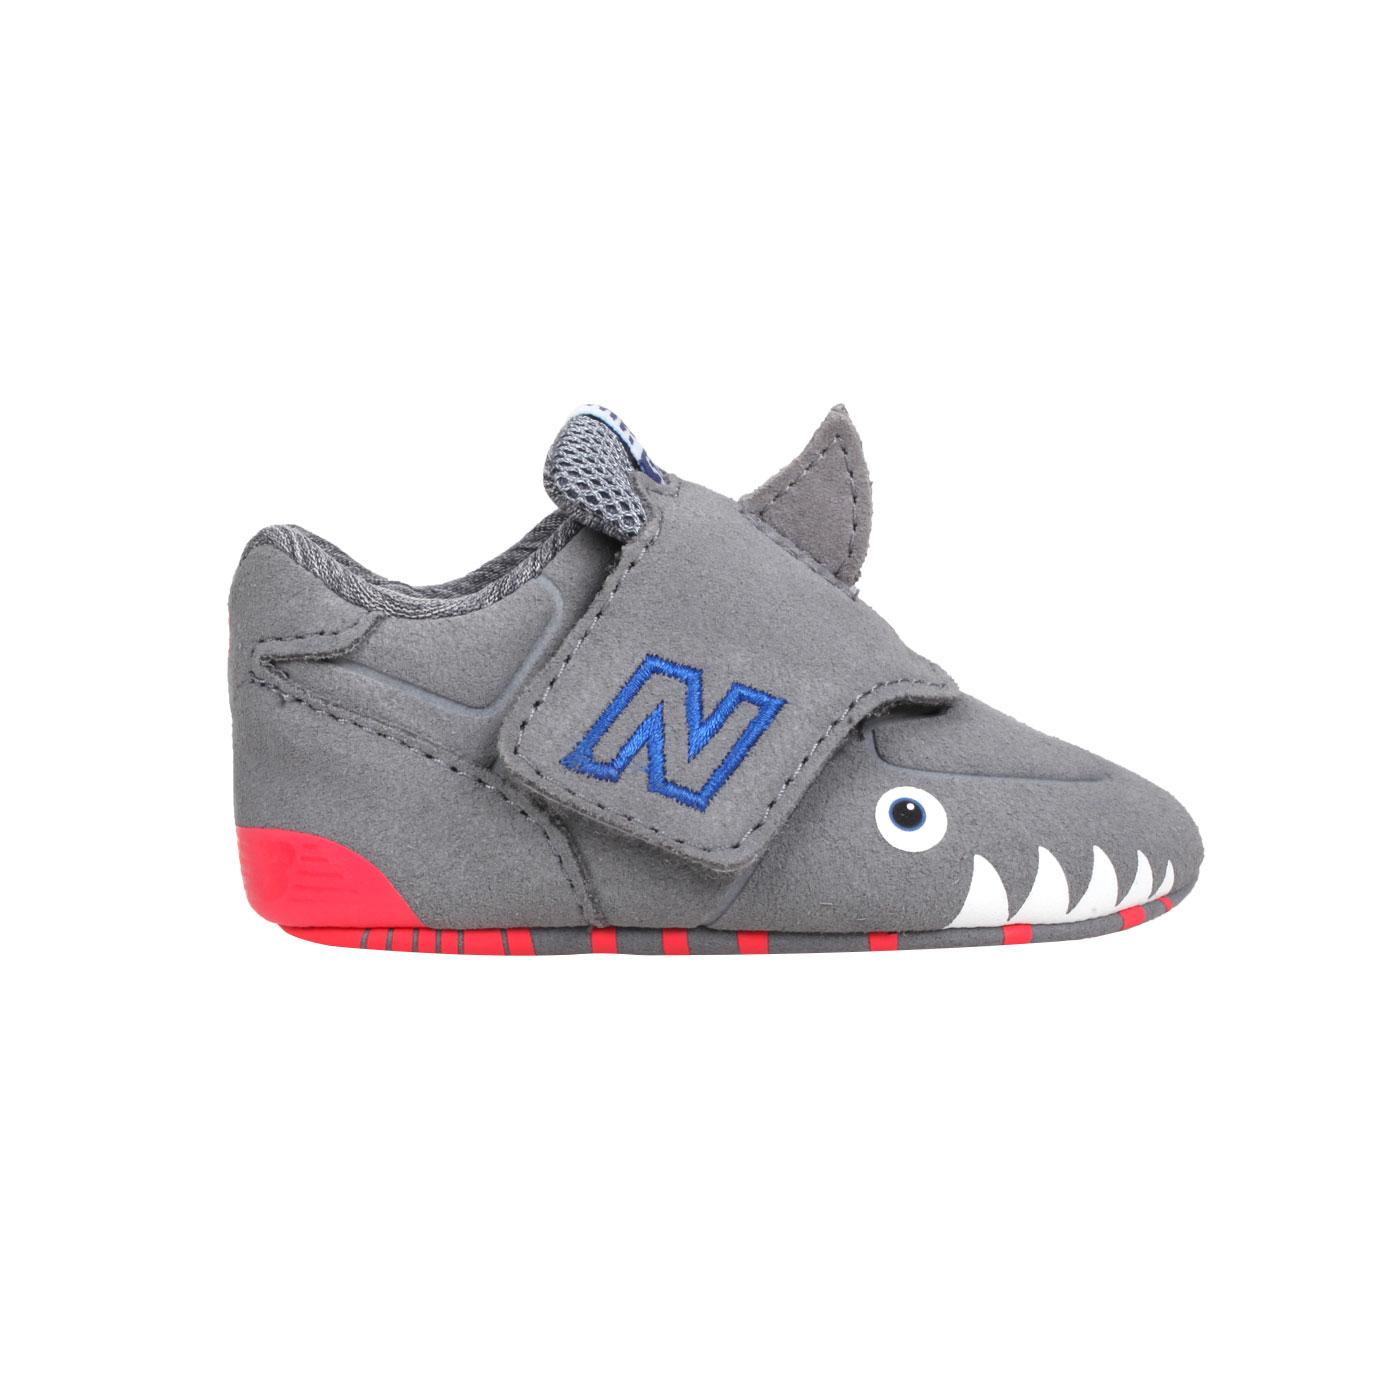 NEW BALANCE 嬰幼童鞋 CV574AQS - 灰白藍